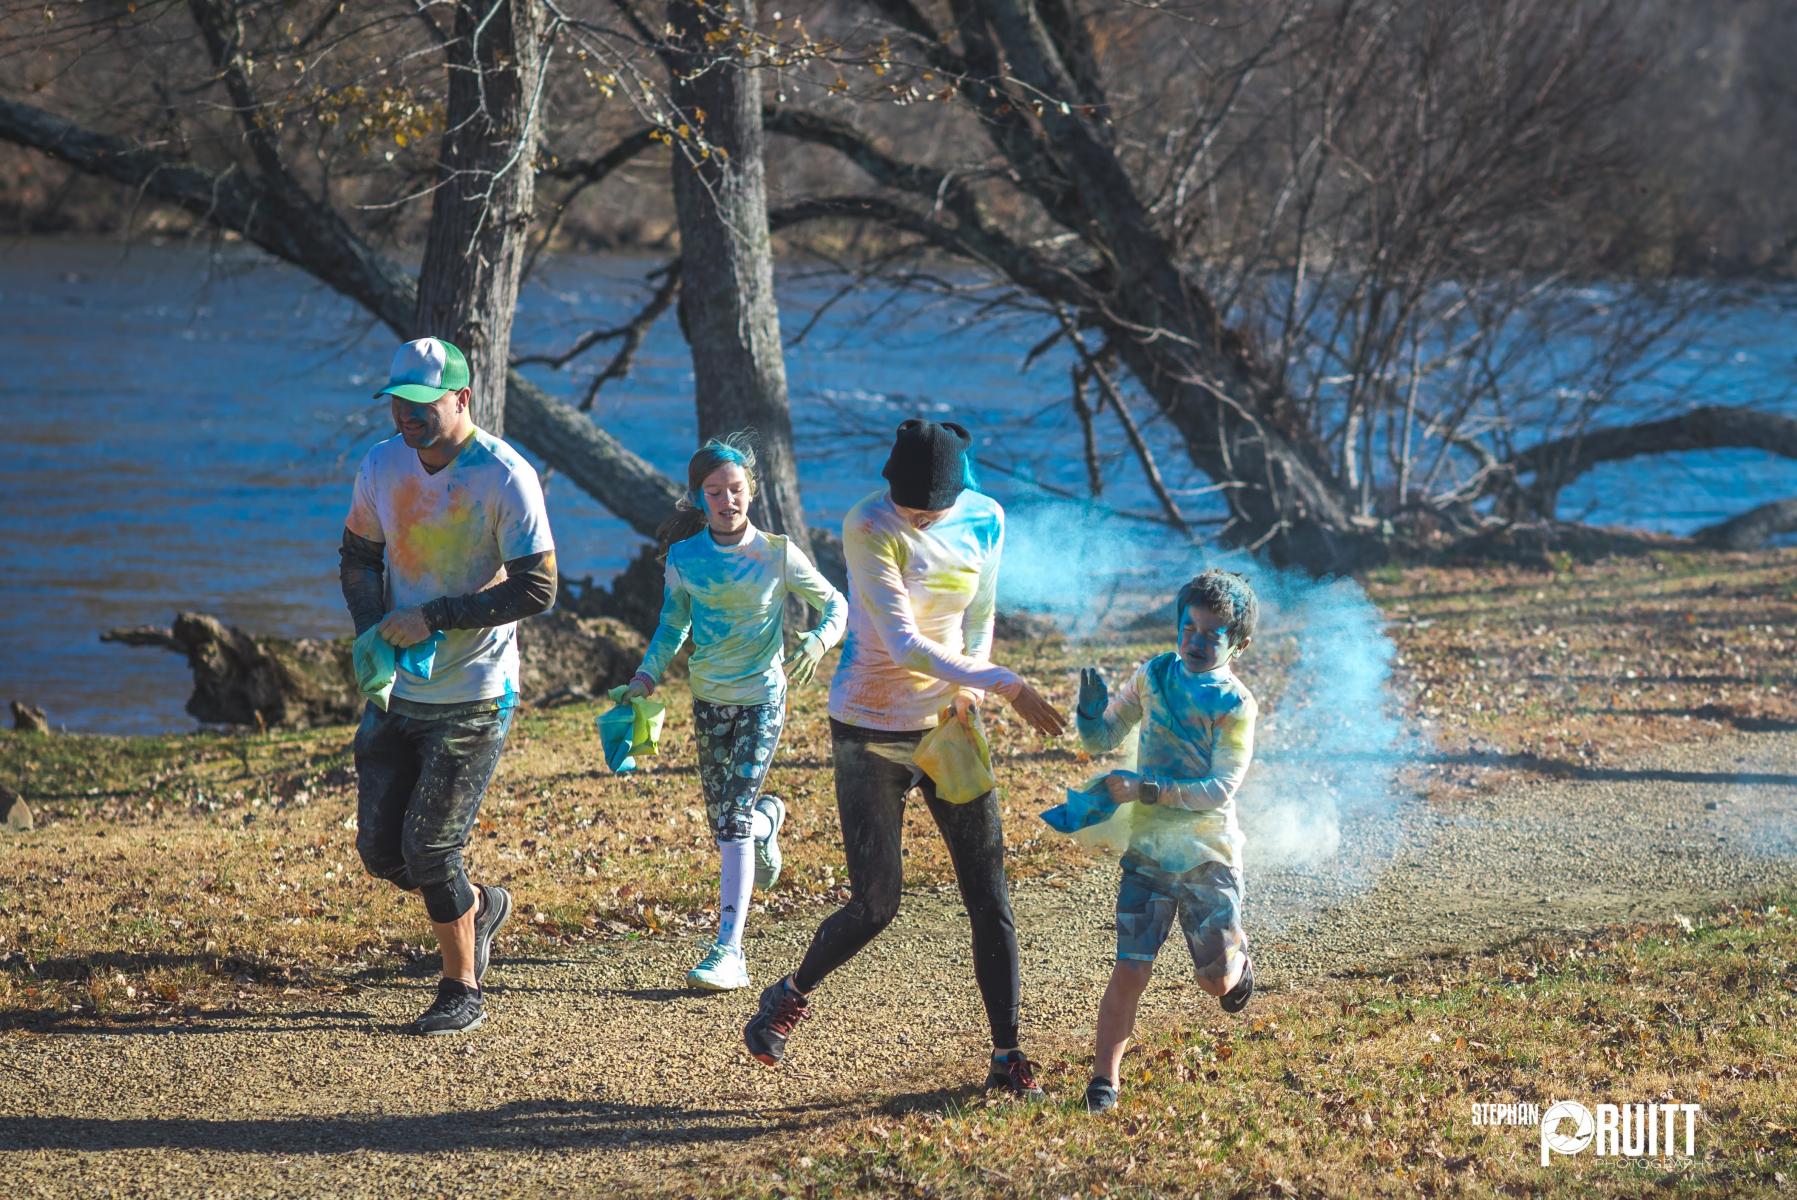 Stephan-Pruitt-Photography-Olivette-Color-Run-5k-Arica-Haro-November-Asheville-2019-49